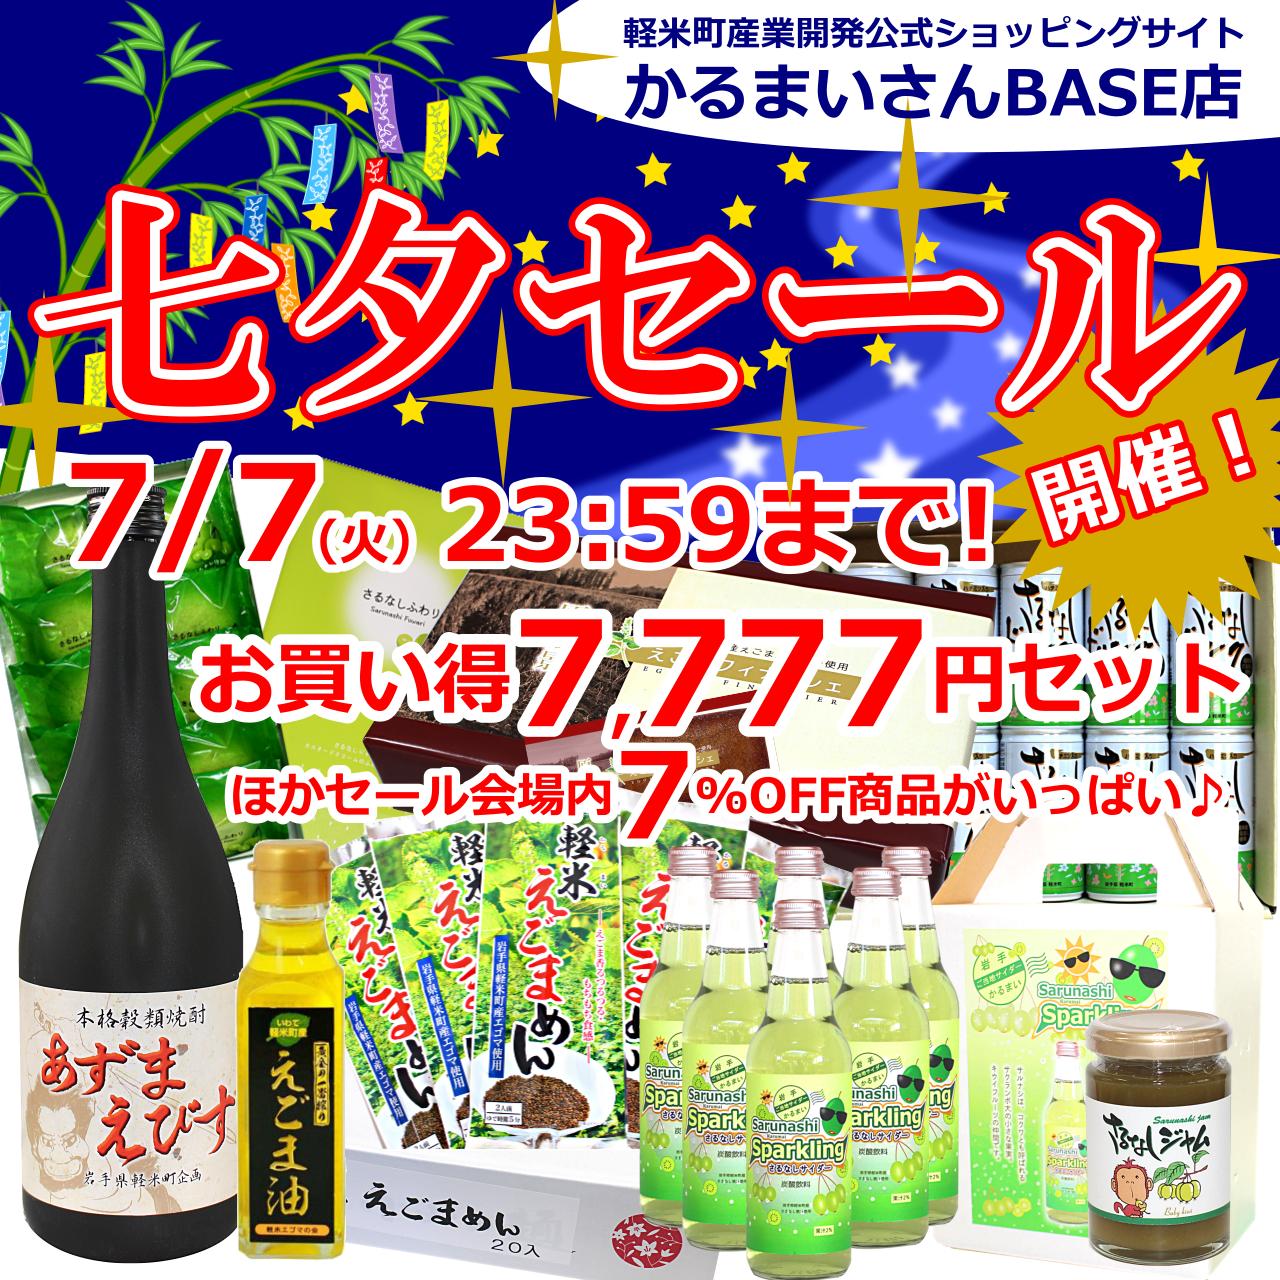 【七夕セール開催!】お買い得7,777円セット、7%OFF商品、7/7(火)23:59まで